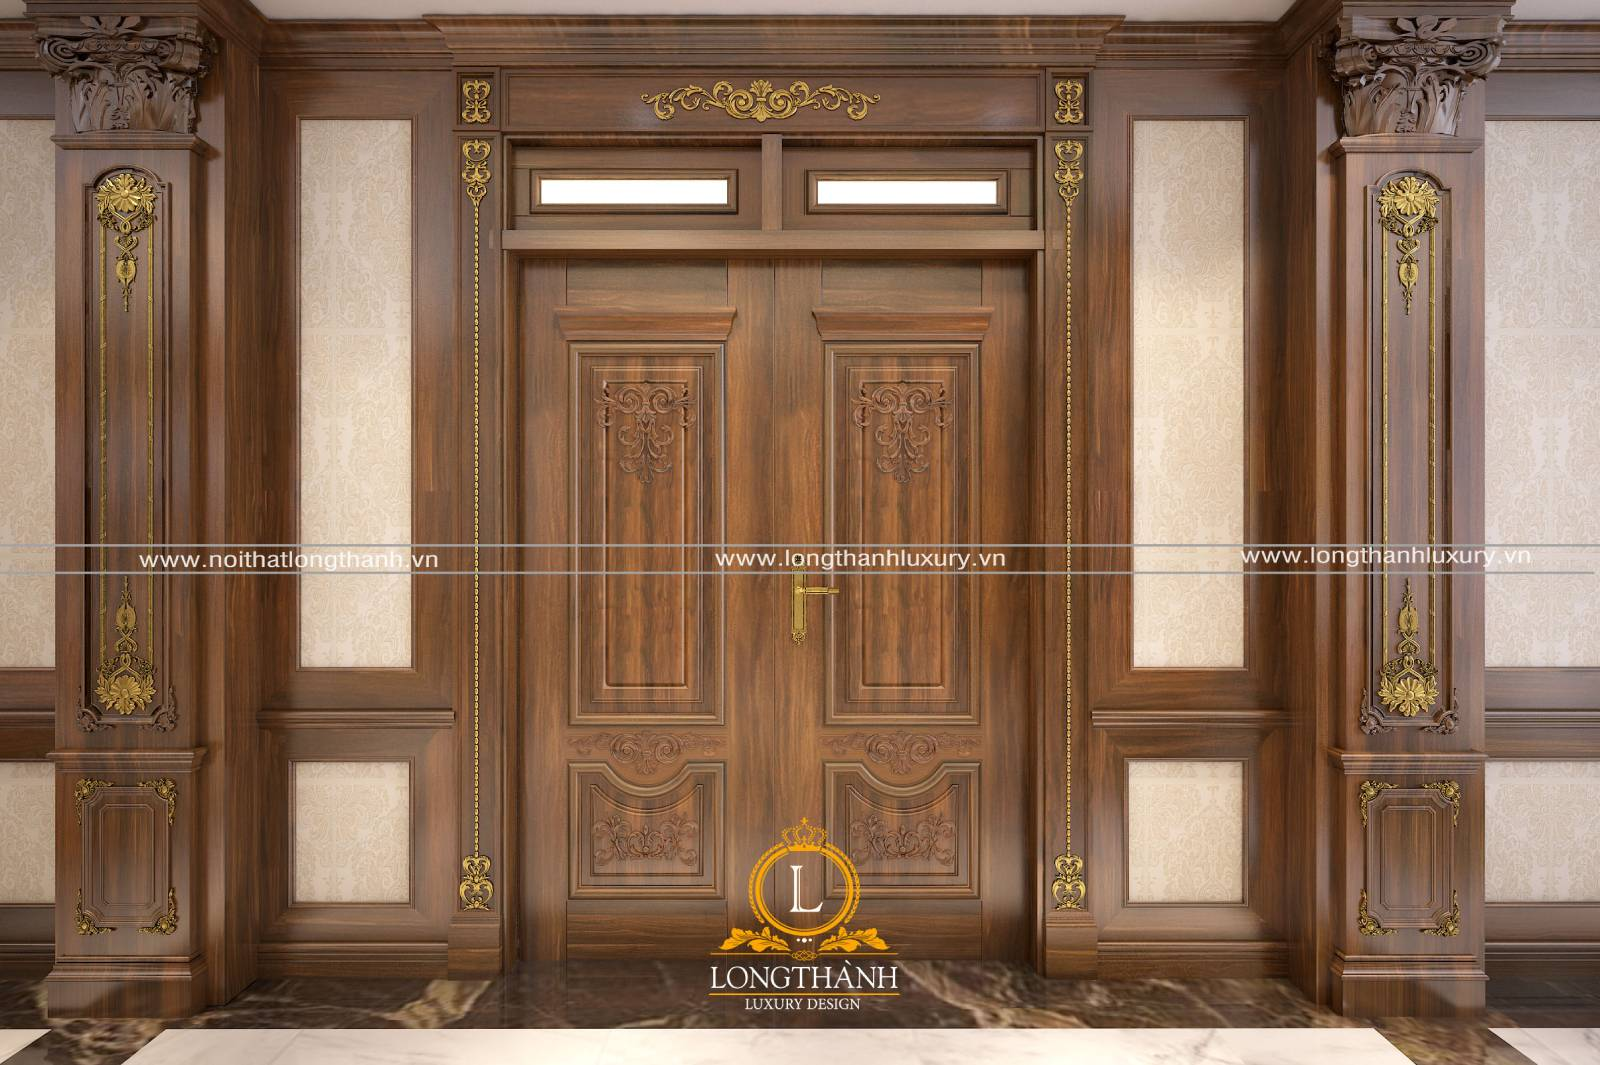 Cửa gỗ gõ đỏ phong cách tân cổ điển cho nhà biệt thự